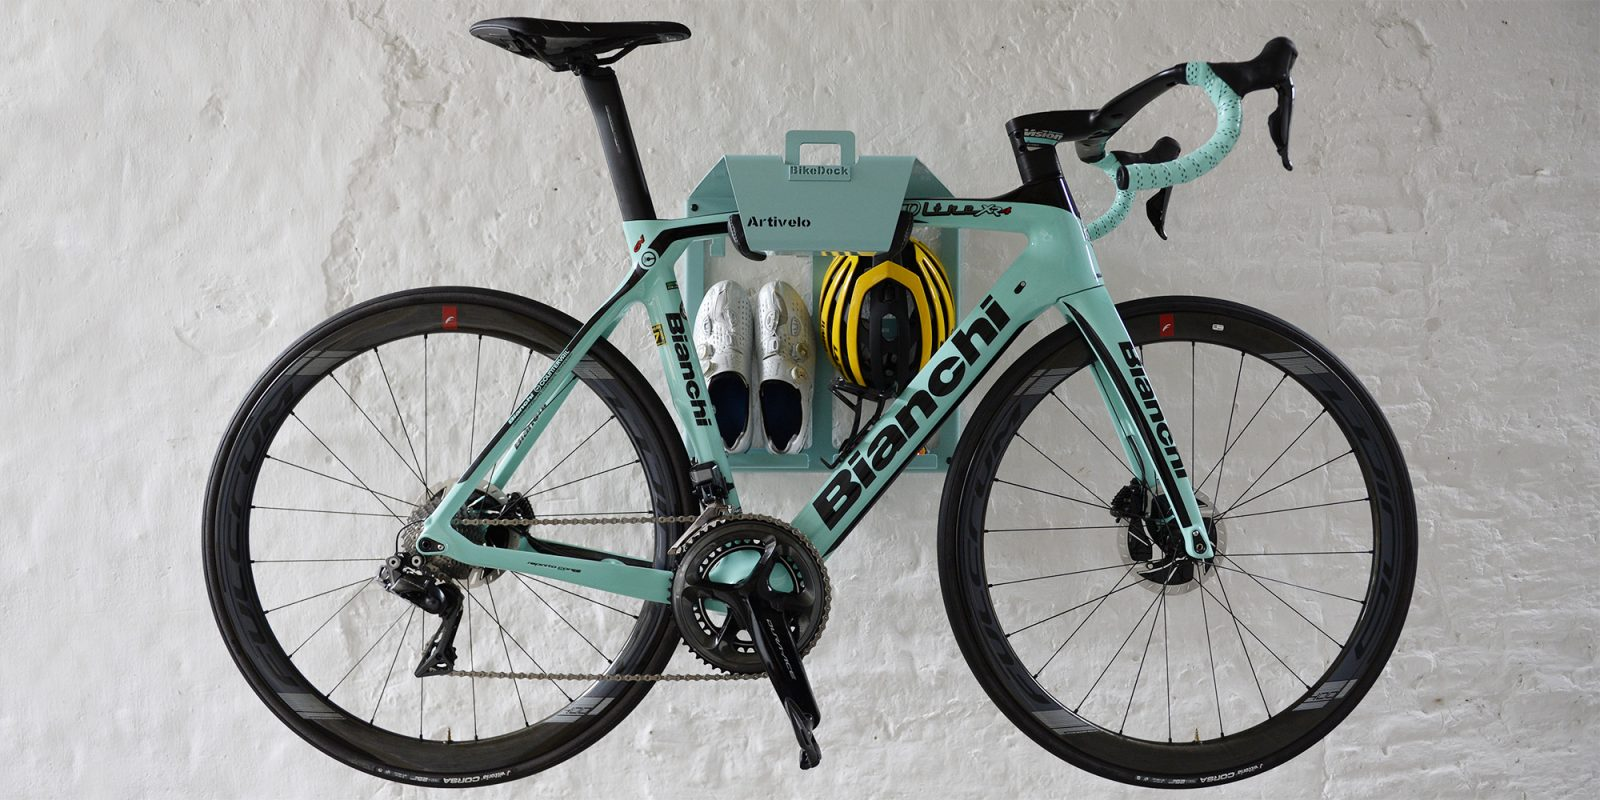 Bianchi racefiets